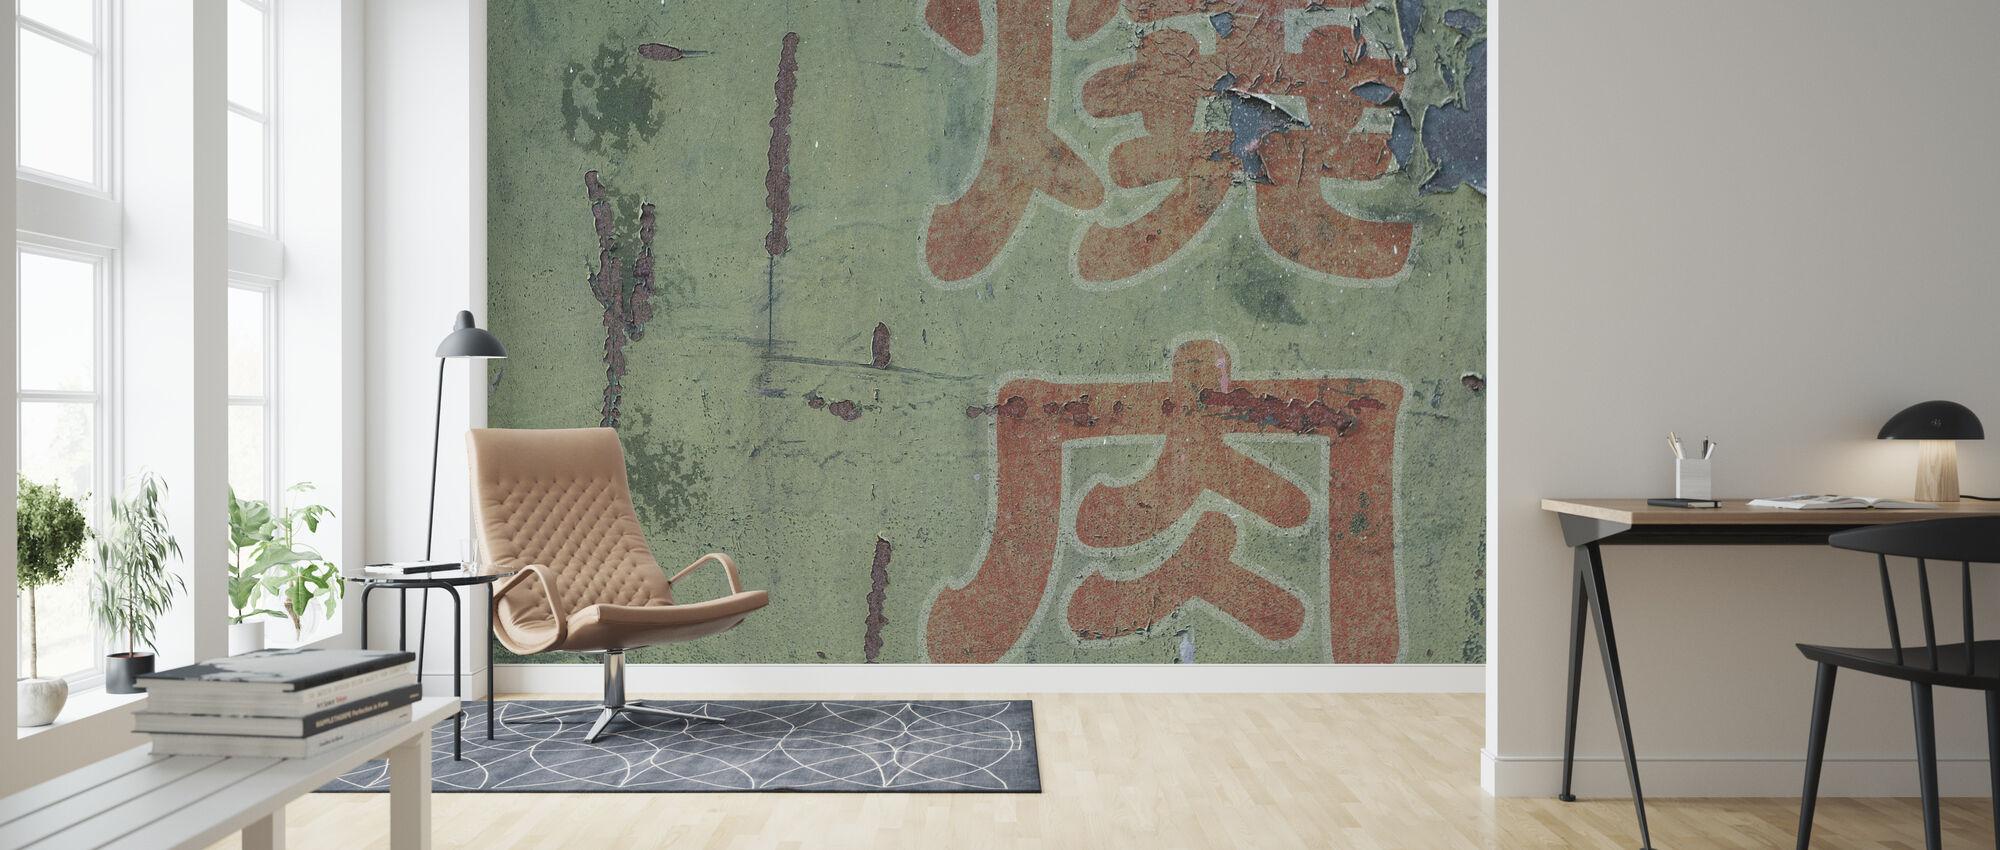 Old Japanese Graffiti - Wallpaper - Living Room